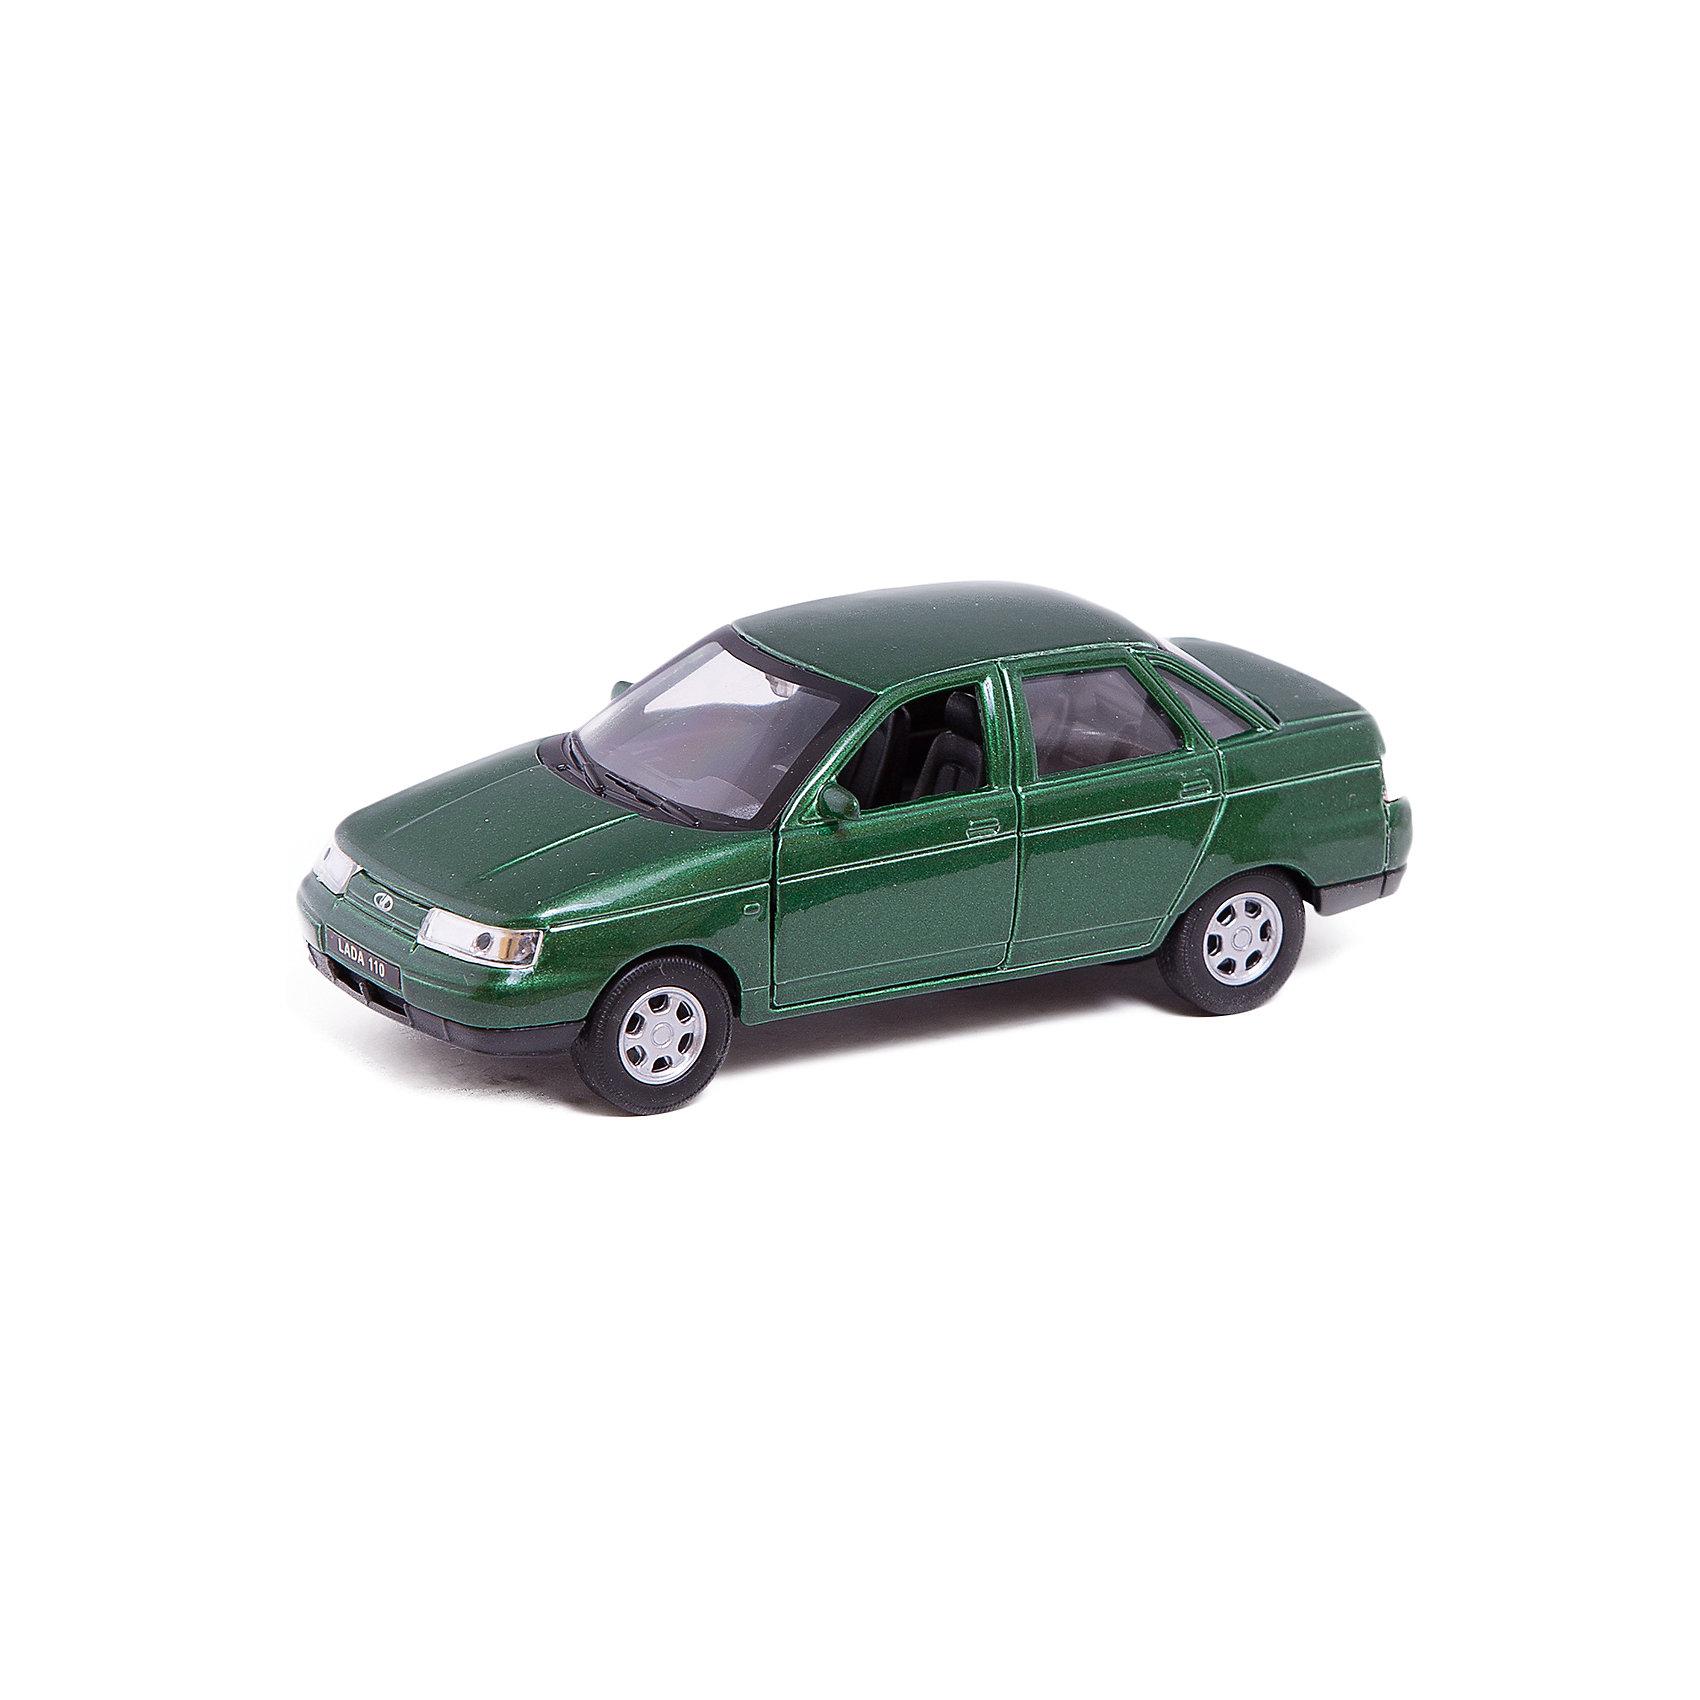 Модель машины 1:34-39 LADA 110, WellyКоллекционные модели<br>Коллекционная модель машины  масштаба 1:34-39 LADA 110. Функции: открываются передние двери, инерционный механизм.<br>Цвет кузова автомобиля представлен в ассортименте. Выбрать определенный цвет заранее не представляется возможным.<br><br>Ширина мм: 60<br>Глубина мм: 110<br>Высота мм: 150<br>Вес г: 160<br>Возраст от месяцев: 36<br>Возраст до месяцев: 192<br>Пол: Мужской<br>Возраст: Детский<br>SKU: 4966517